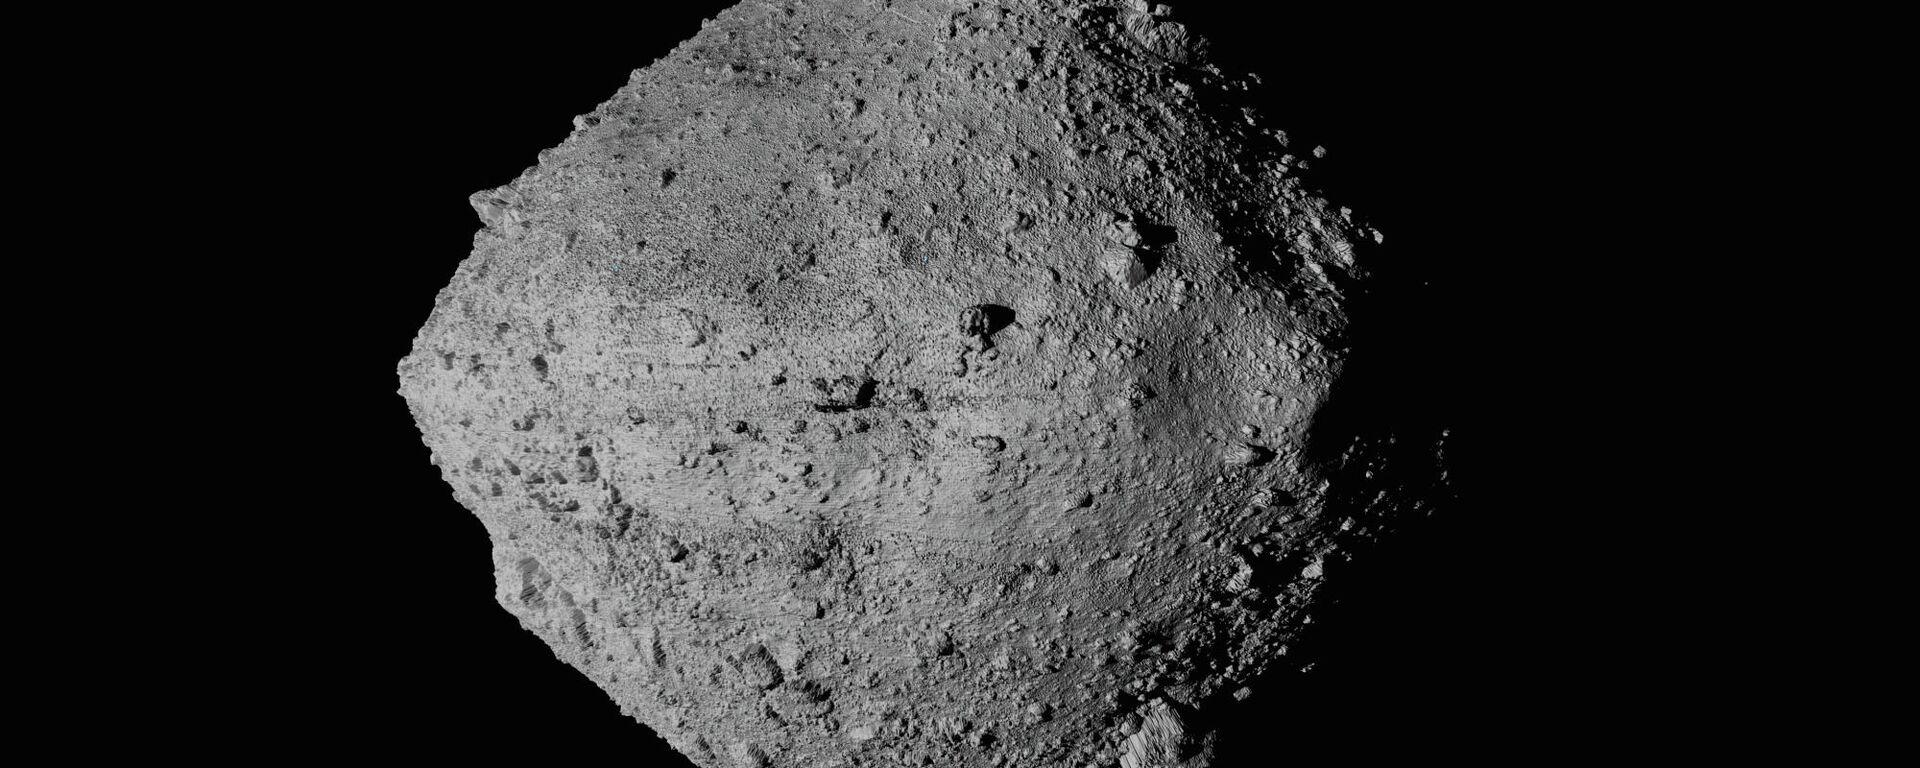 El asteroide Bennu, fotografiado desde la sonda Osiris-Rex - Sputnik Mundo, 1920, 10.05.2021